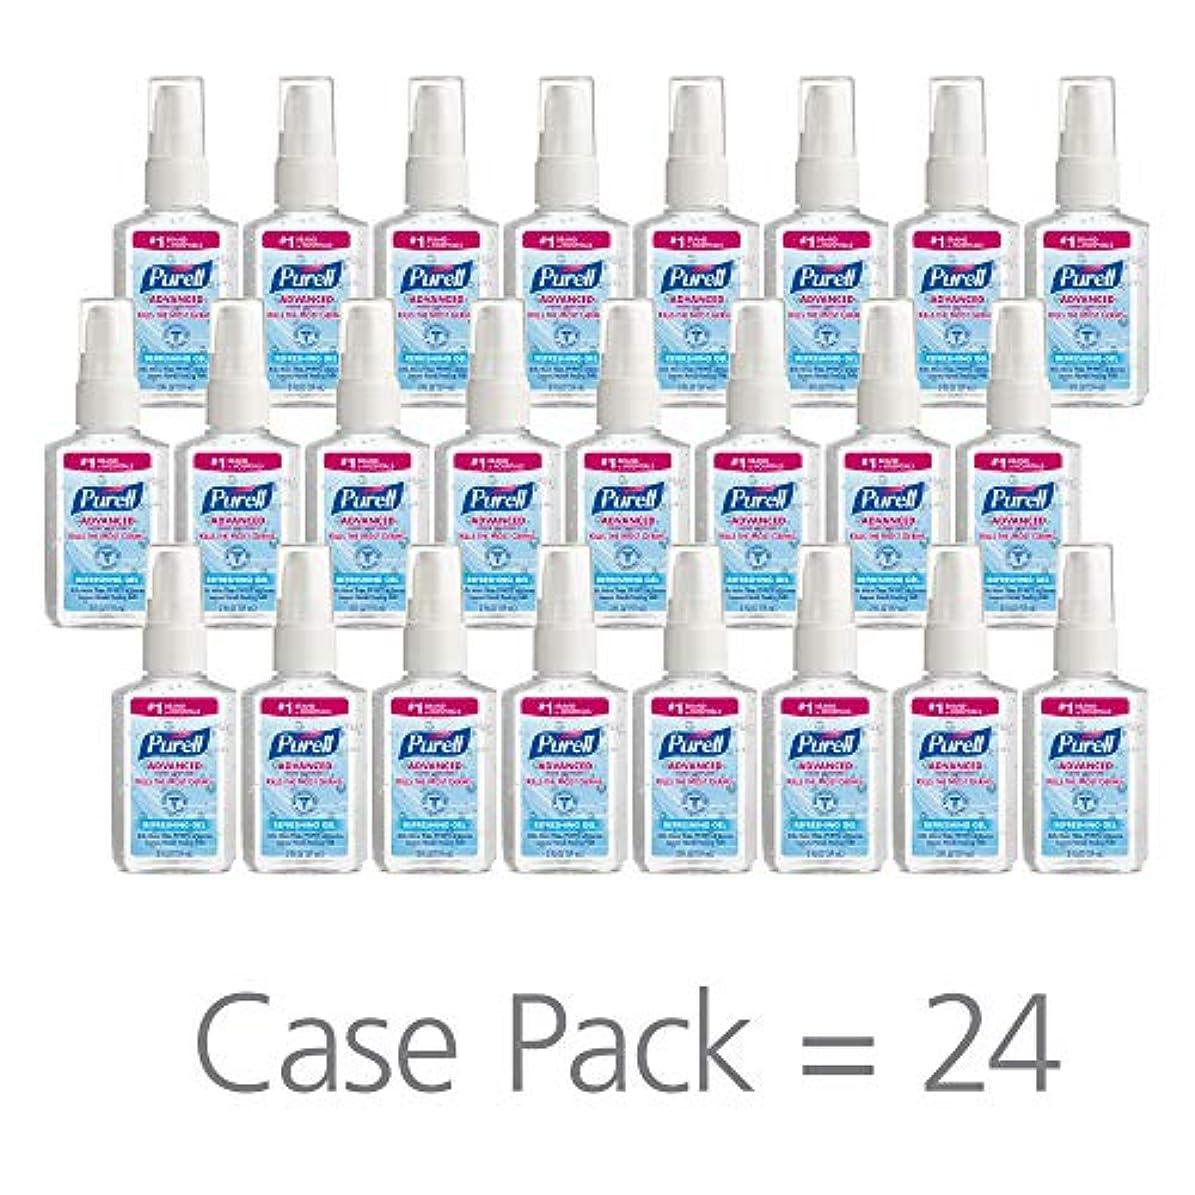 ほこりキャリア違反PURELL 9606-24 Advanced Instant Hand Sanitizer, 2 fl. oz. Pump Bottle (Case of 24),2 fl. Oz by Purell